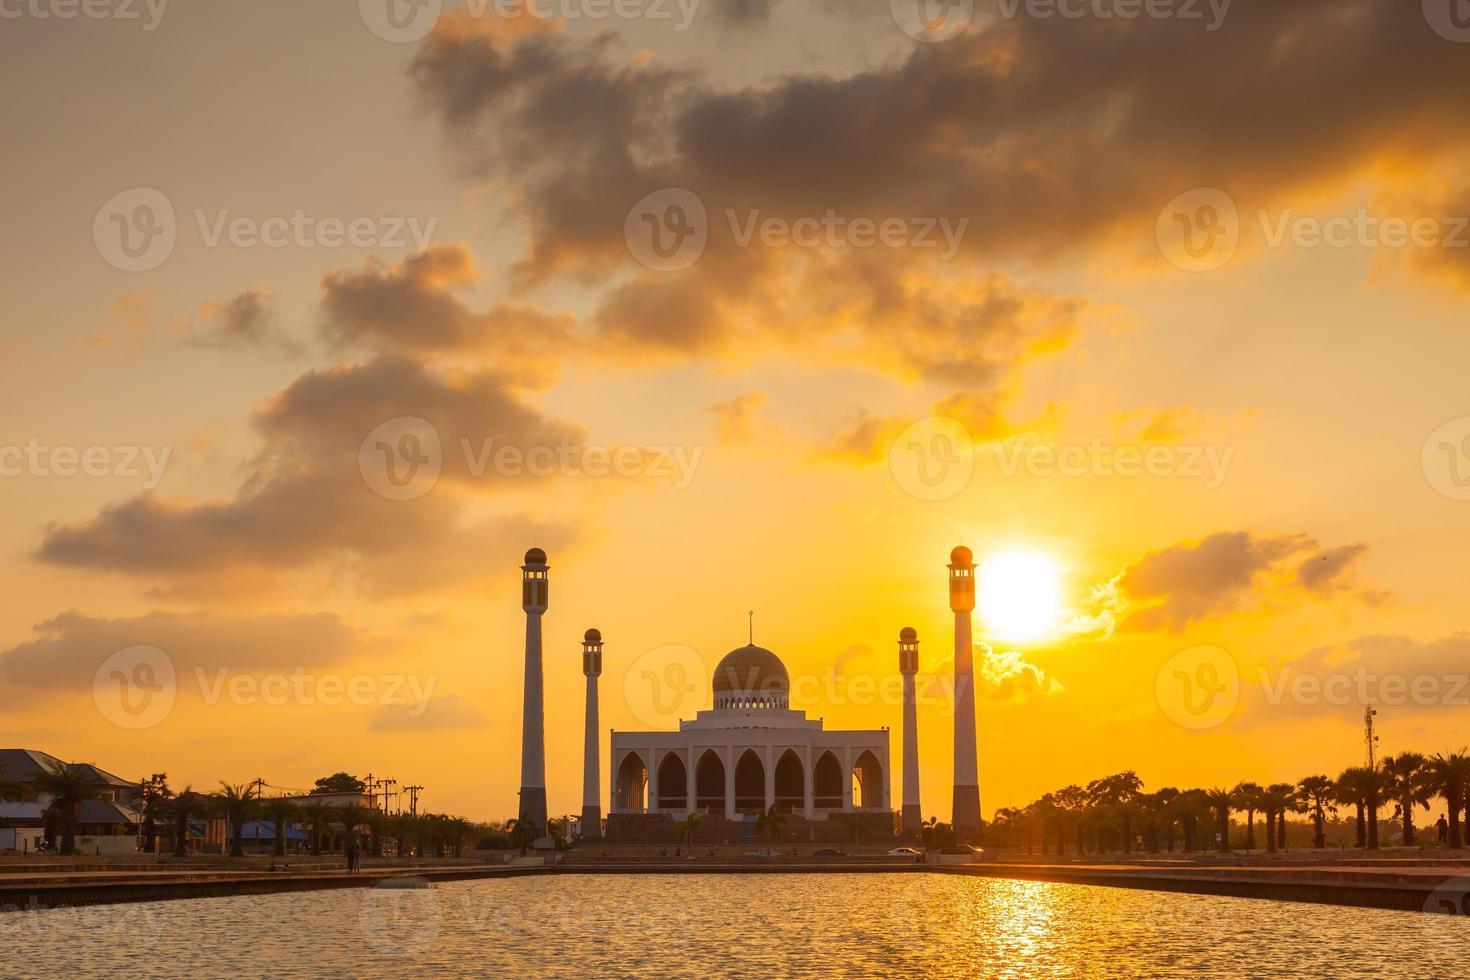 Songkhla, Thaïlande, 2020 - la mosquée centrale de Songkhla au coucher du soleil photo